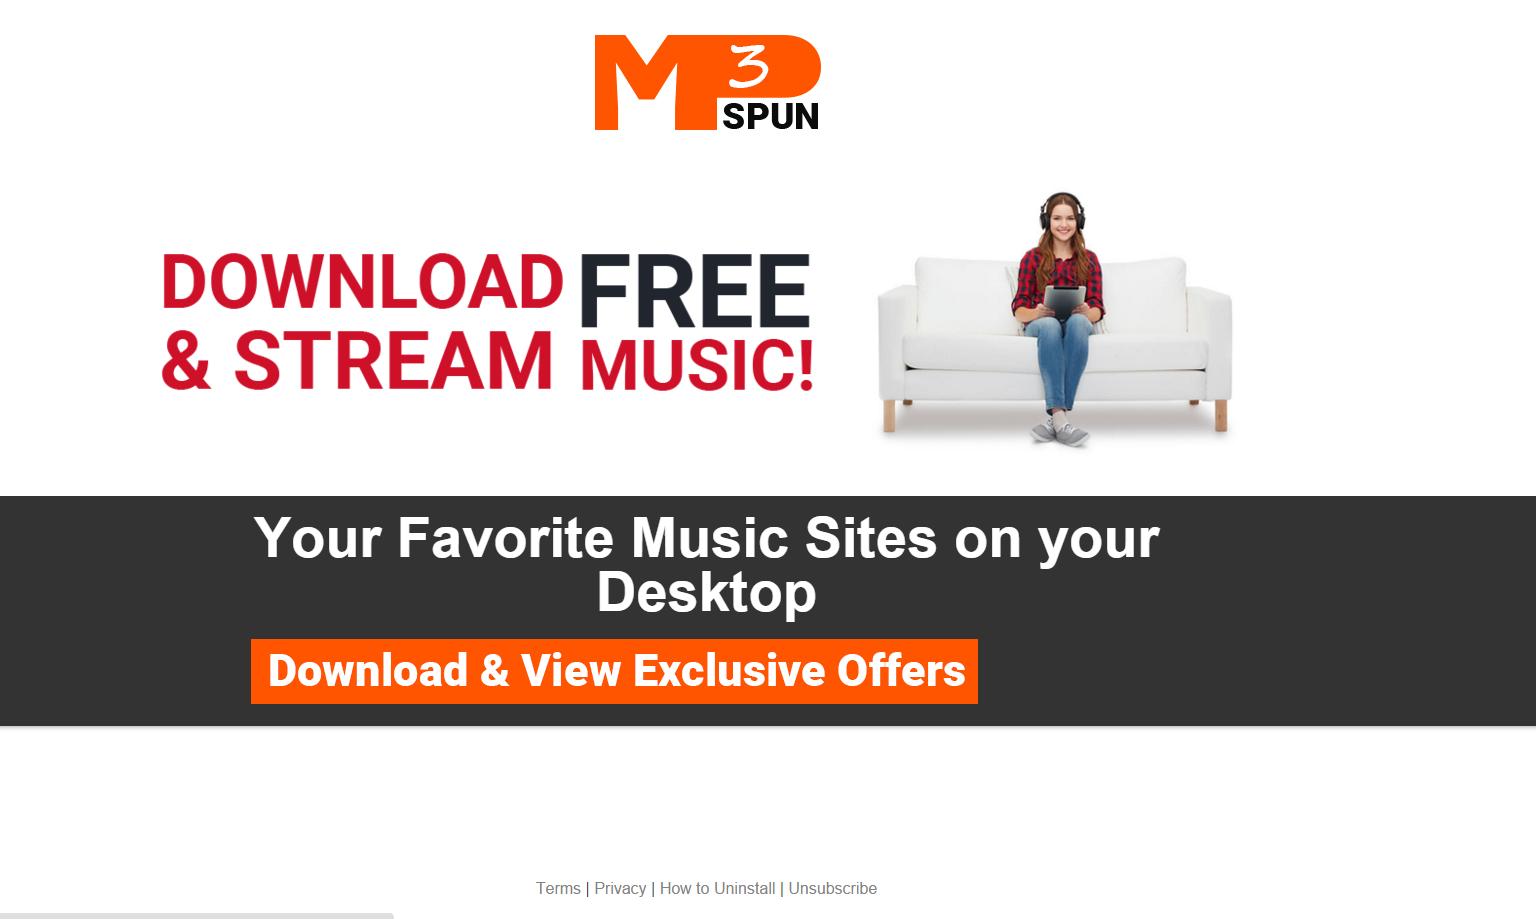 ads by MP3 Spun